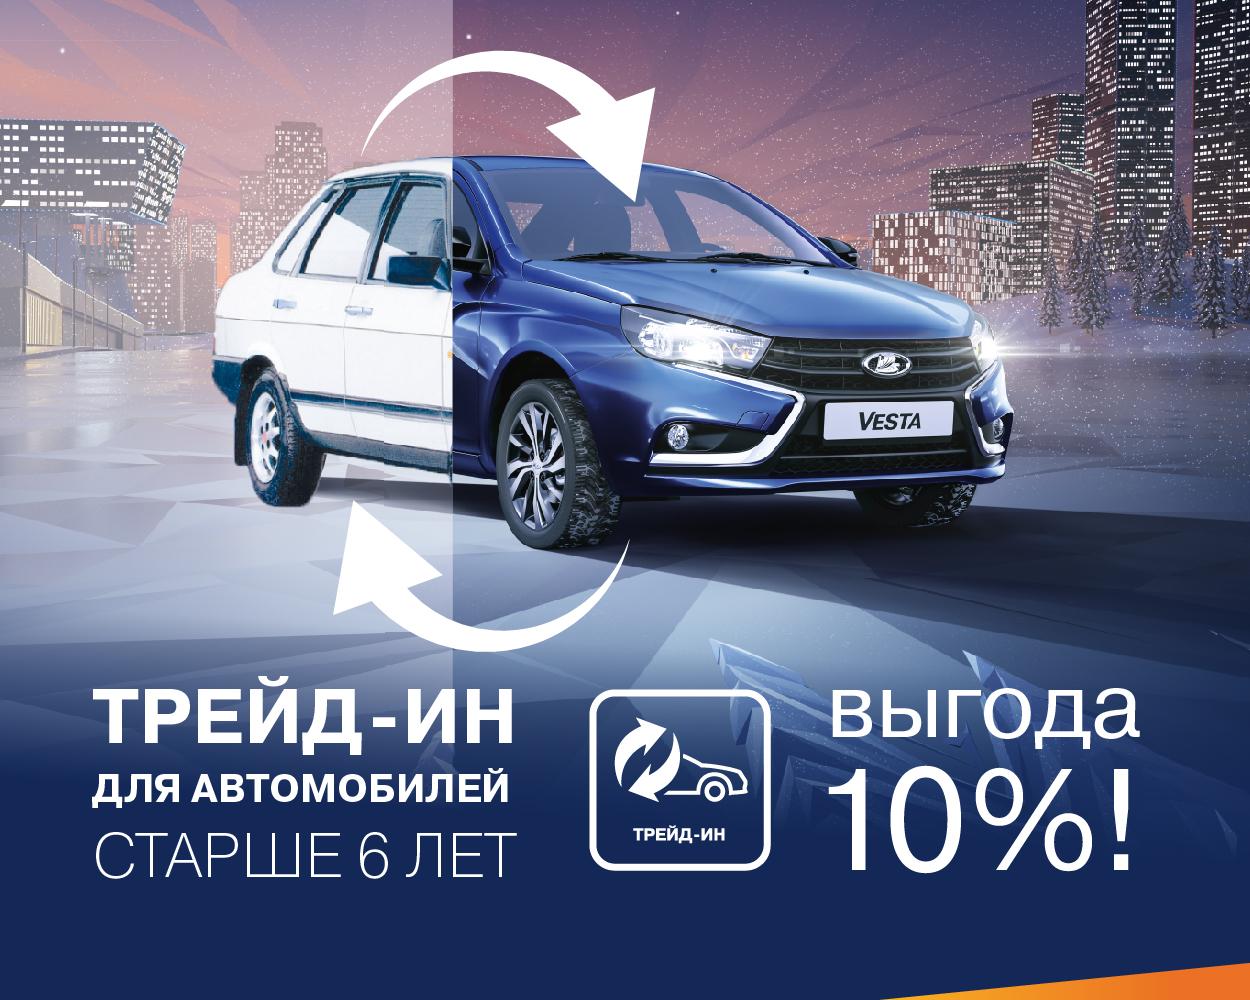 Обменяй свой старый автомобиль на новый с выгодой 10%!